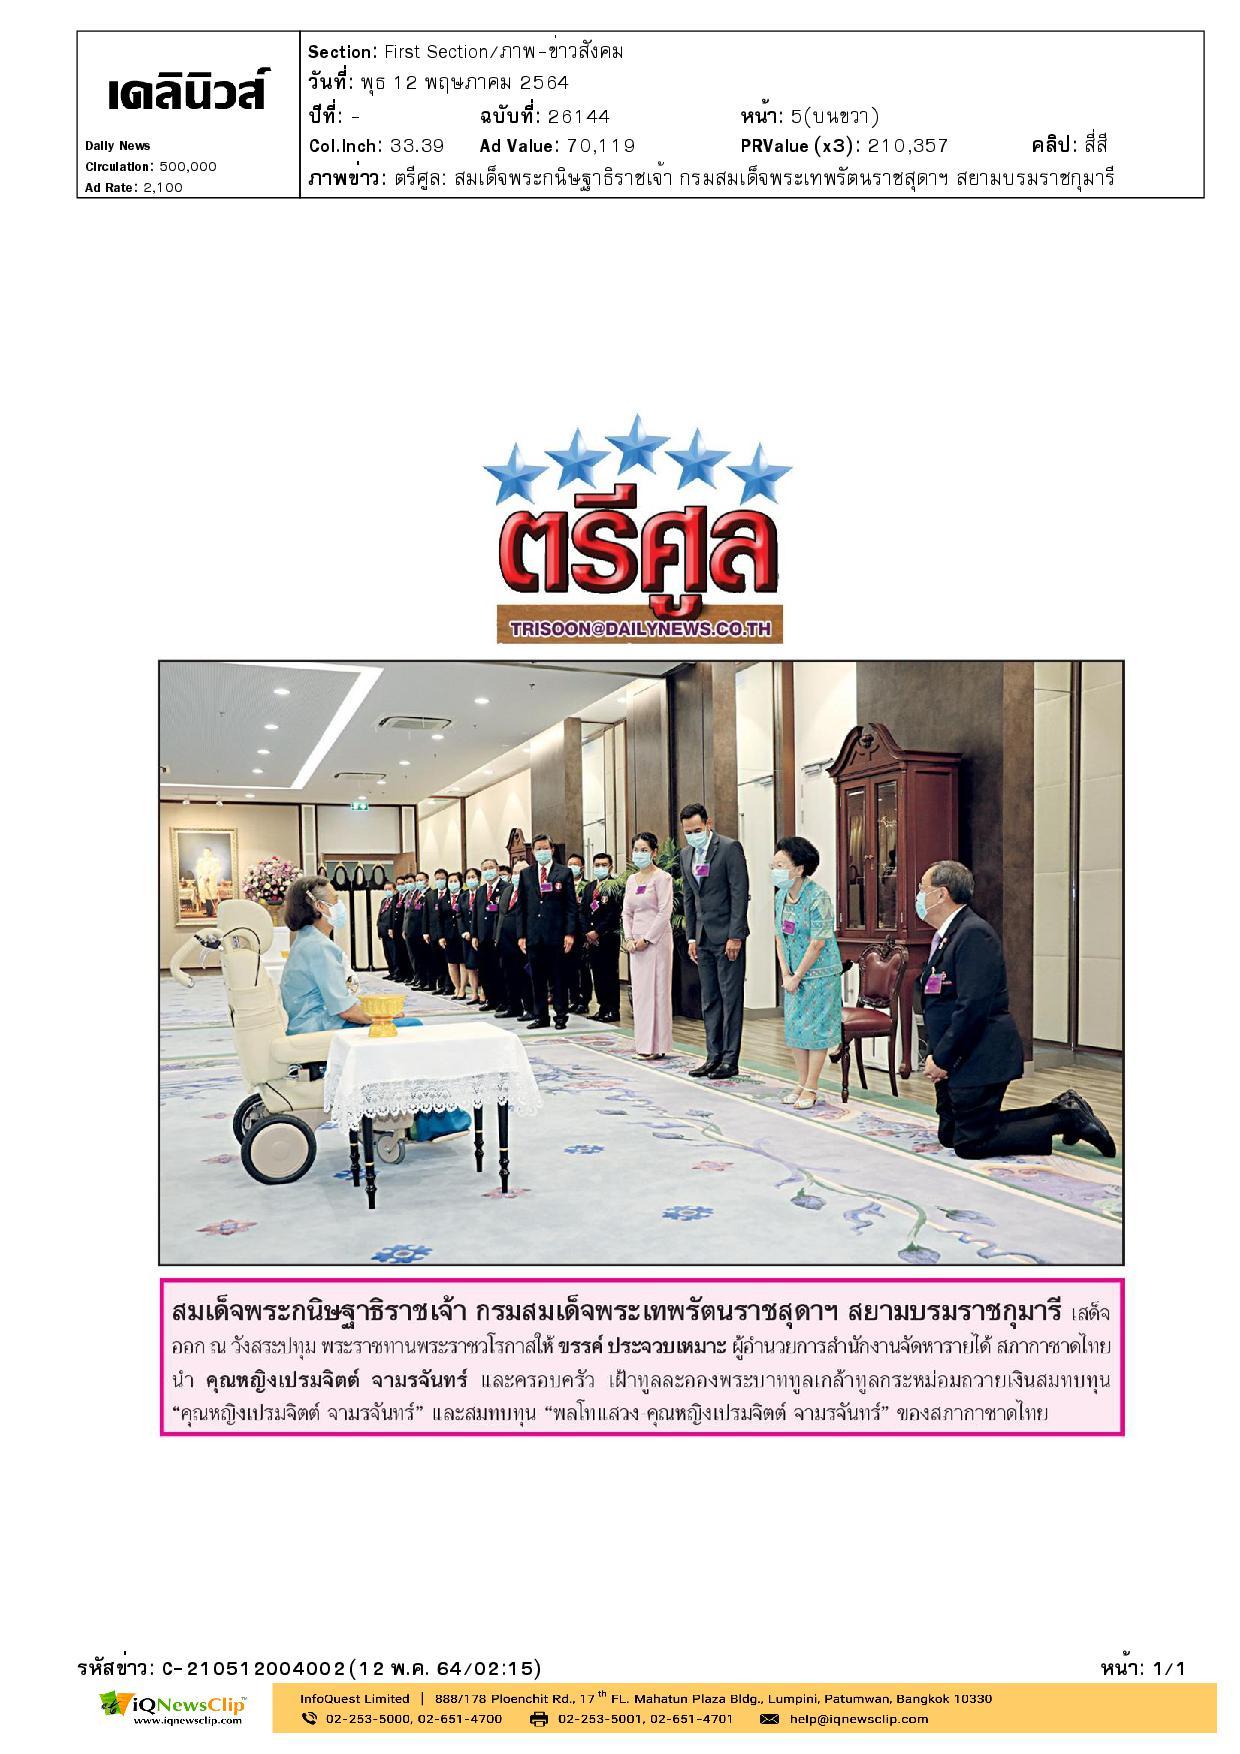 เฝ้าทูลละอองพระบาททูลเกล้าทูลกระหม่อมถวายเงินสมทบทุนสภากาชาดไทย